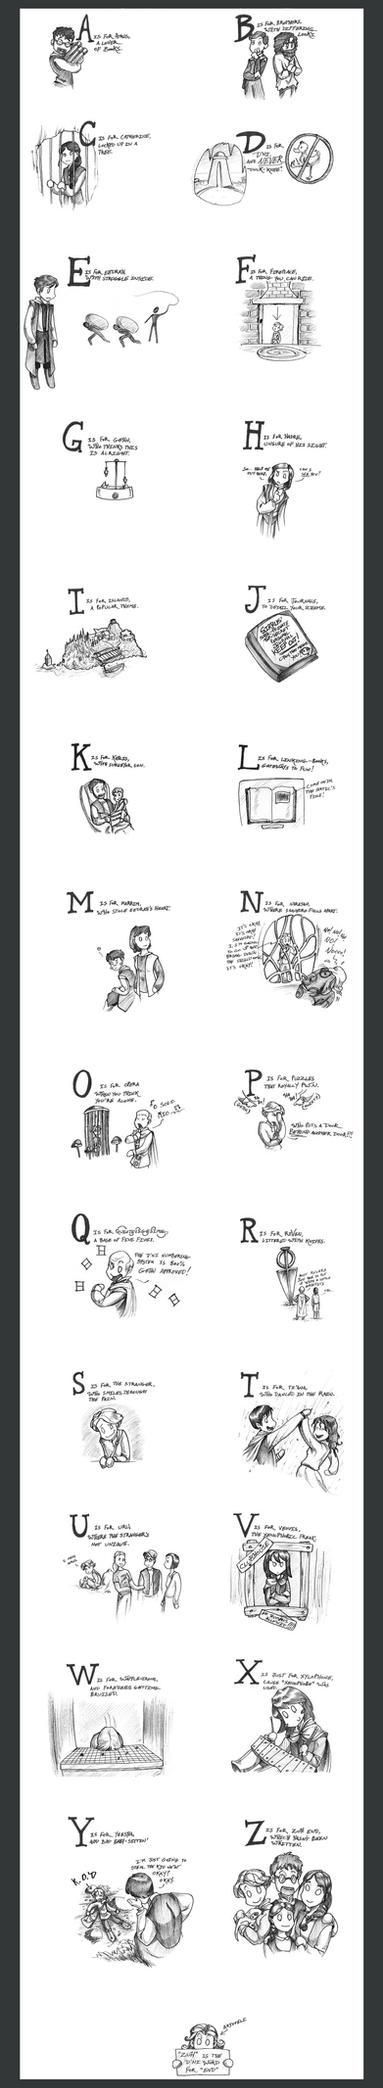 Myst Alphabet by Artoveli